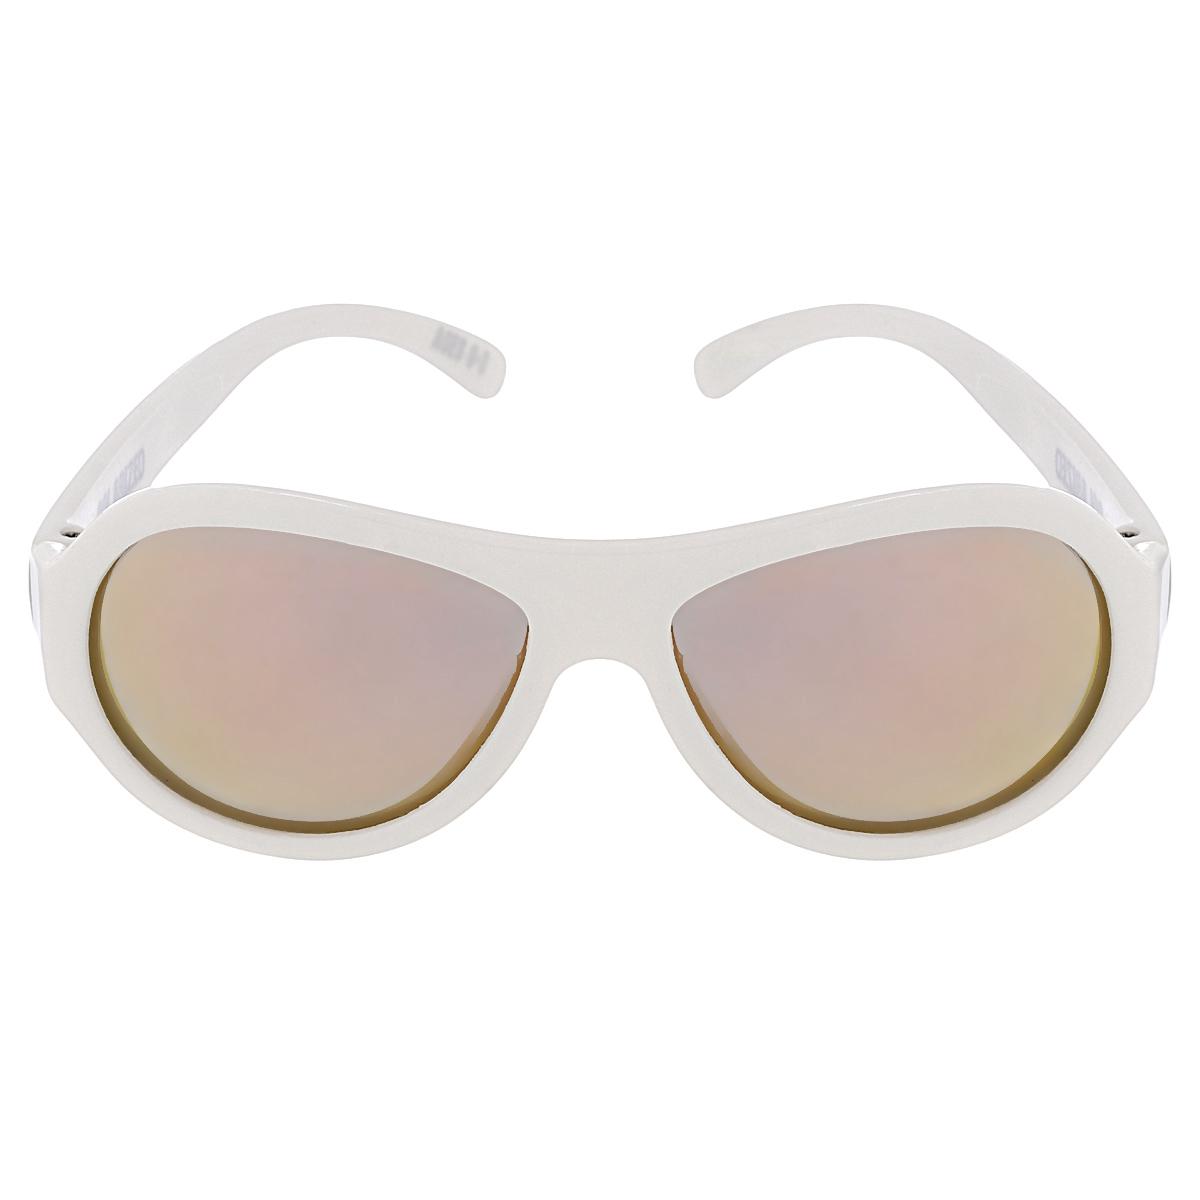 Детские солнцезащитные очки Babiators Шалун (Wicked), поляризационные, с футляром, цвет: белый, 3-7 летINT-06501Защита глаз всегда в моде.Вы делаете все возможное, чтобы ваши дети были здоровы и в безопасности. Шлемы для езды на велосипеде, солнцезащитный крем для прогулок на солнце... Но как насчёт влияния солнца на глазах вашего ребёнка? Правда в том, что сетчатка глаза у детей развивается вместе с самим ребёнком. Это означает, что глаза малышей не могут отфильтровать УФ-излучение. Добавьте к этому тот факт, что дети за год получают трёхкратную дозу солнечного воздействия на взрослого человека (доклад Vision Council Report 2013, США). Проблема понятна - детям нужна настоящая защита, чтобы глазки были в безопасности, а зрение сильным.Каждая пара солнцезащитных очков Babiators для детей обеспечивает 100% защиту от UVA и UVB. Прочные линзы высшего качества не подведут в самых сложных переделках. В отличие от обычных пластиковых очков, оправа Babiators выполнена из гибкого прорезиненного материала, что делает их ударопрочными, их можно сгибать и крутить - они не сломаются и вернутся в прежнюю форму. Не бойтесь, что ребёнок сядет на них - они всё выдержат. Очки доступны в двух размерах: Junior (от 6 месяцев до 3 лет) и Classic (3-7+ лет). Будьте уверены, что очки Babiators созданы безопасными, прочными и классными, так что вы и ваш маленький лётчик можете приступать к своим приключениям!